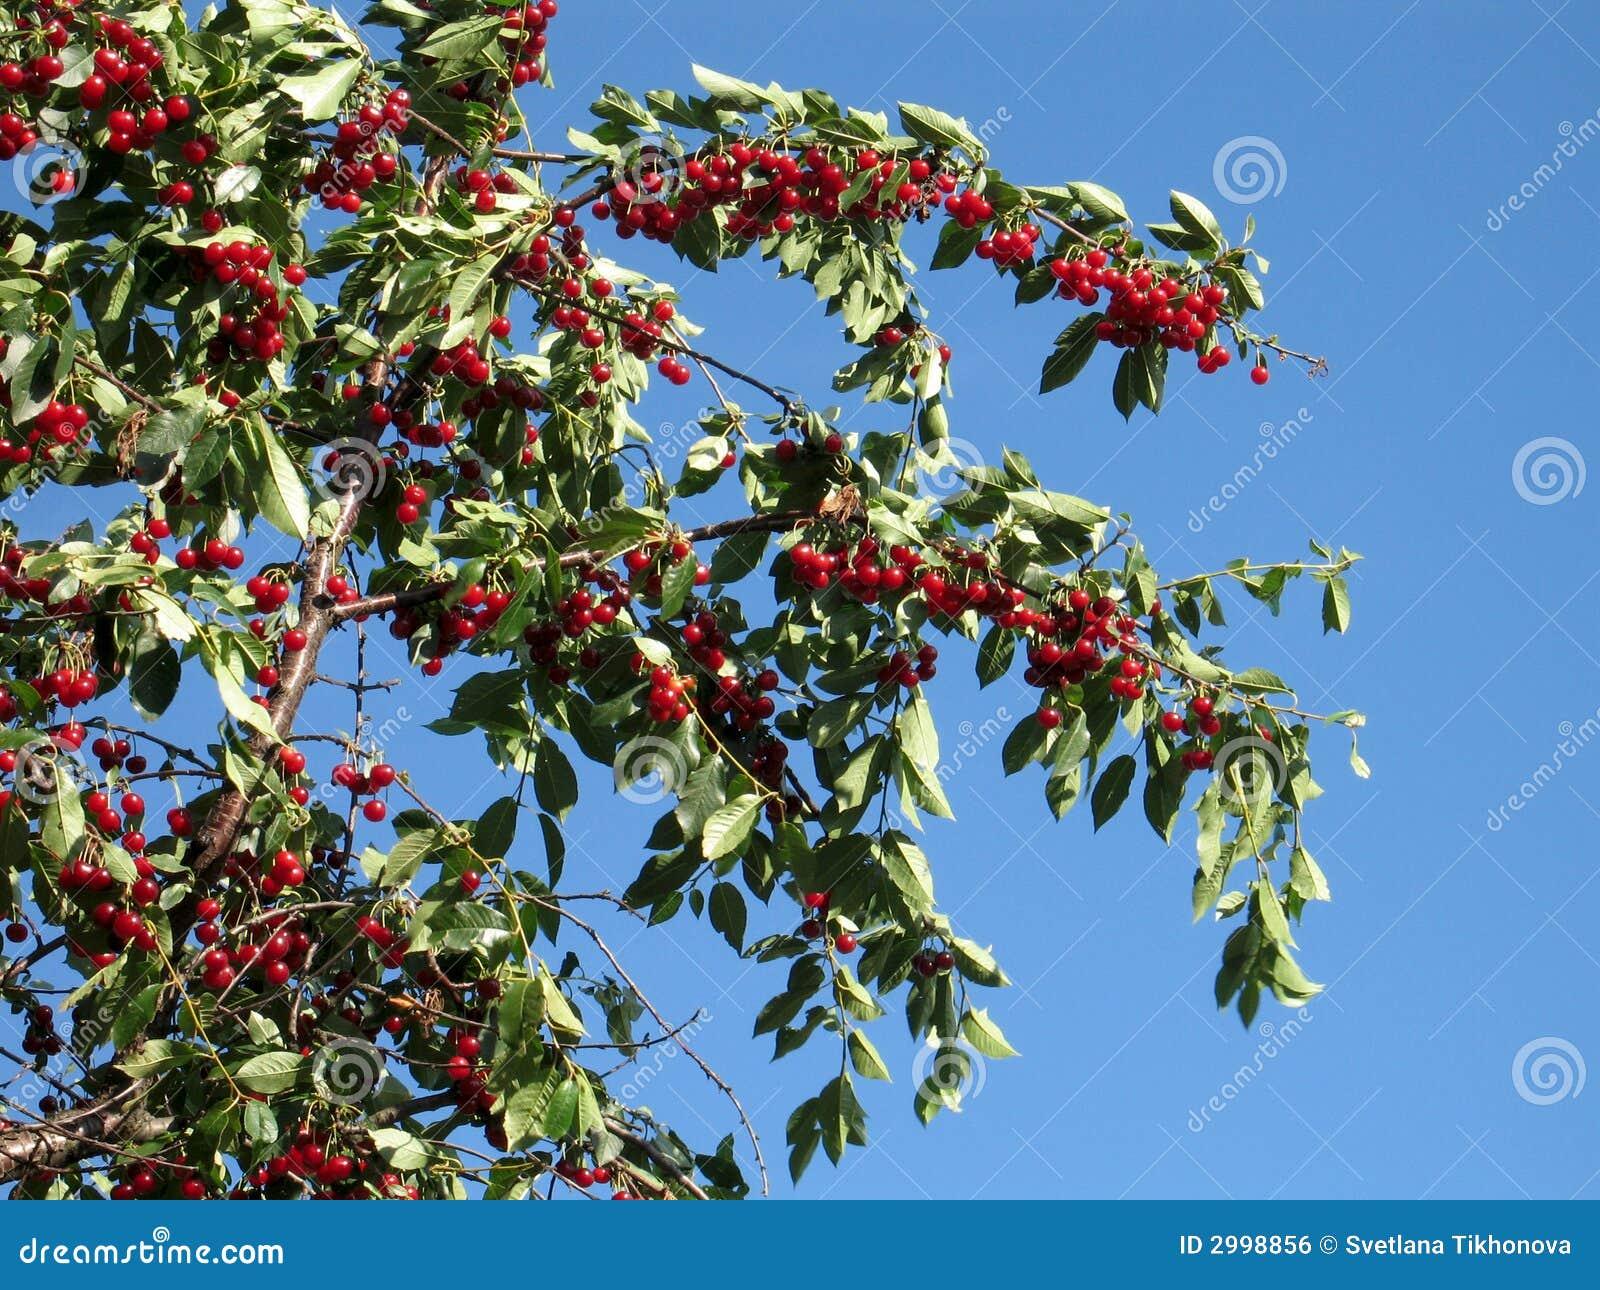 Cerises rouges sur un arbre